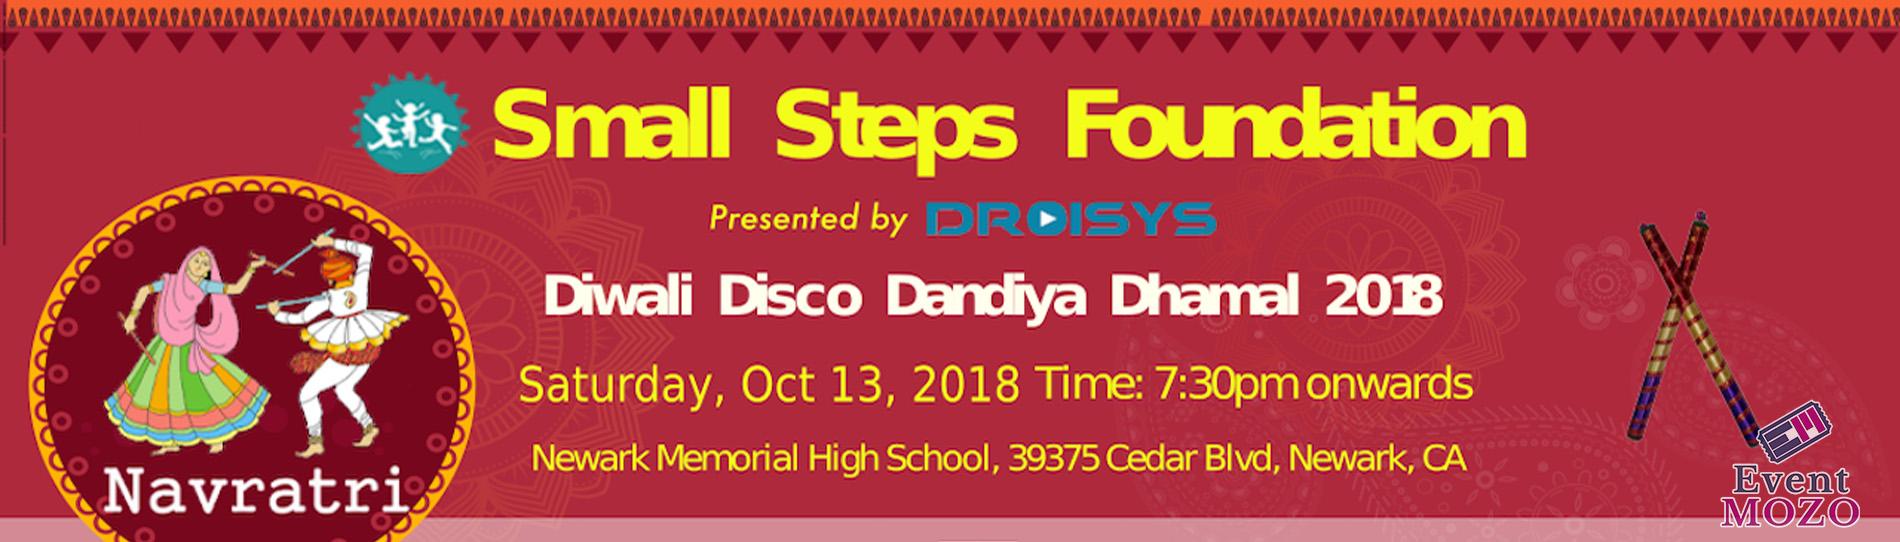 EventMozo SSF Diwali Disco Dandiya Dhamaal 2018